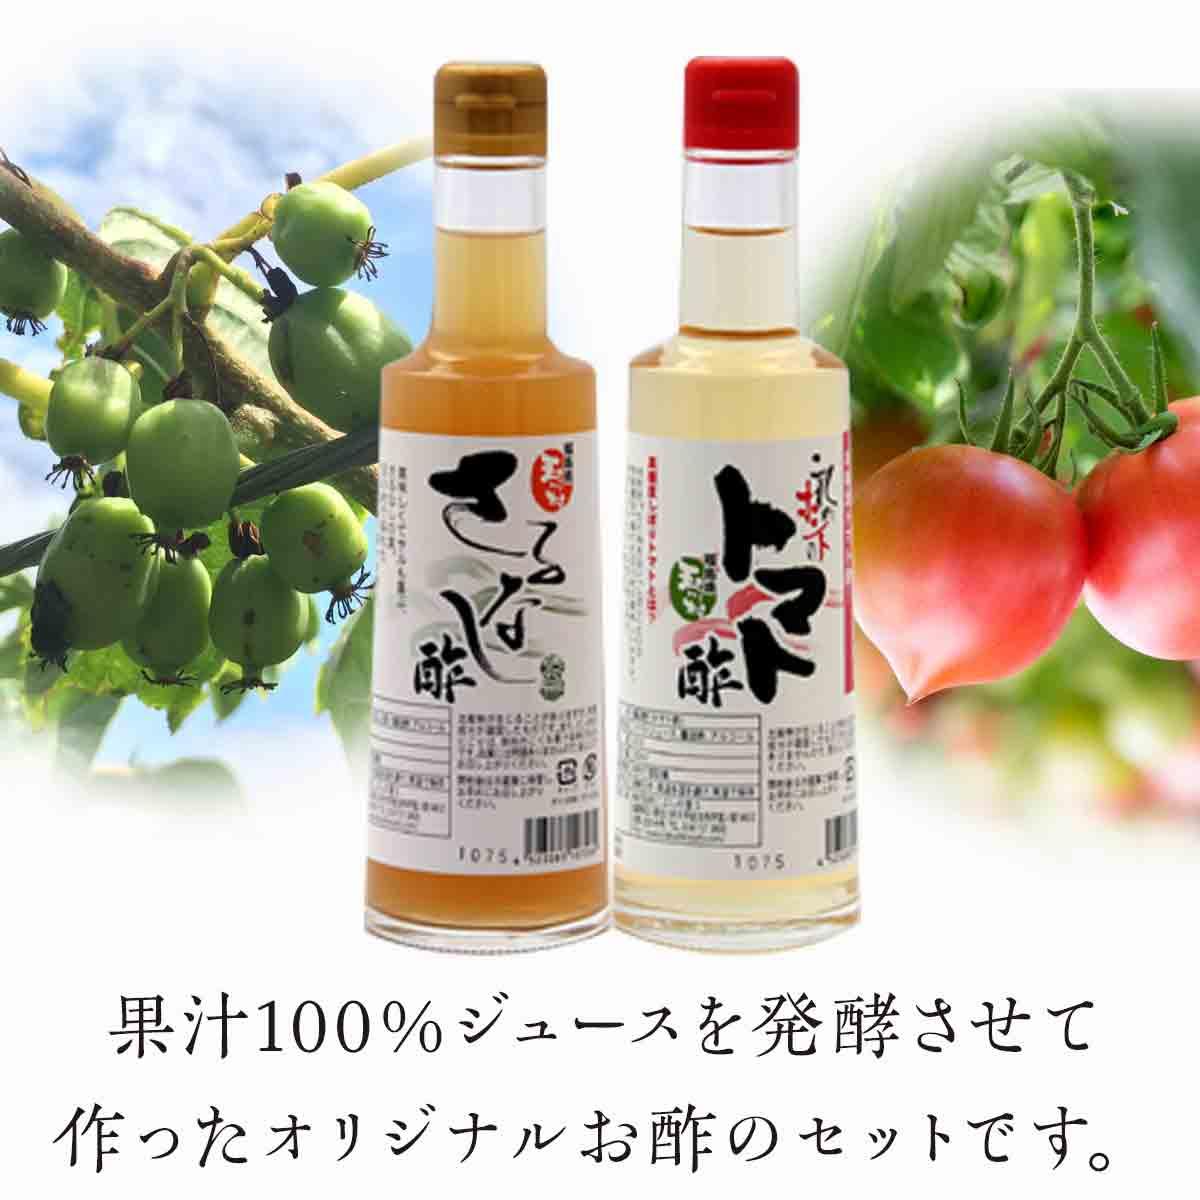 酢, セット・詰め合わせ  FT18-017